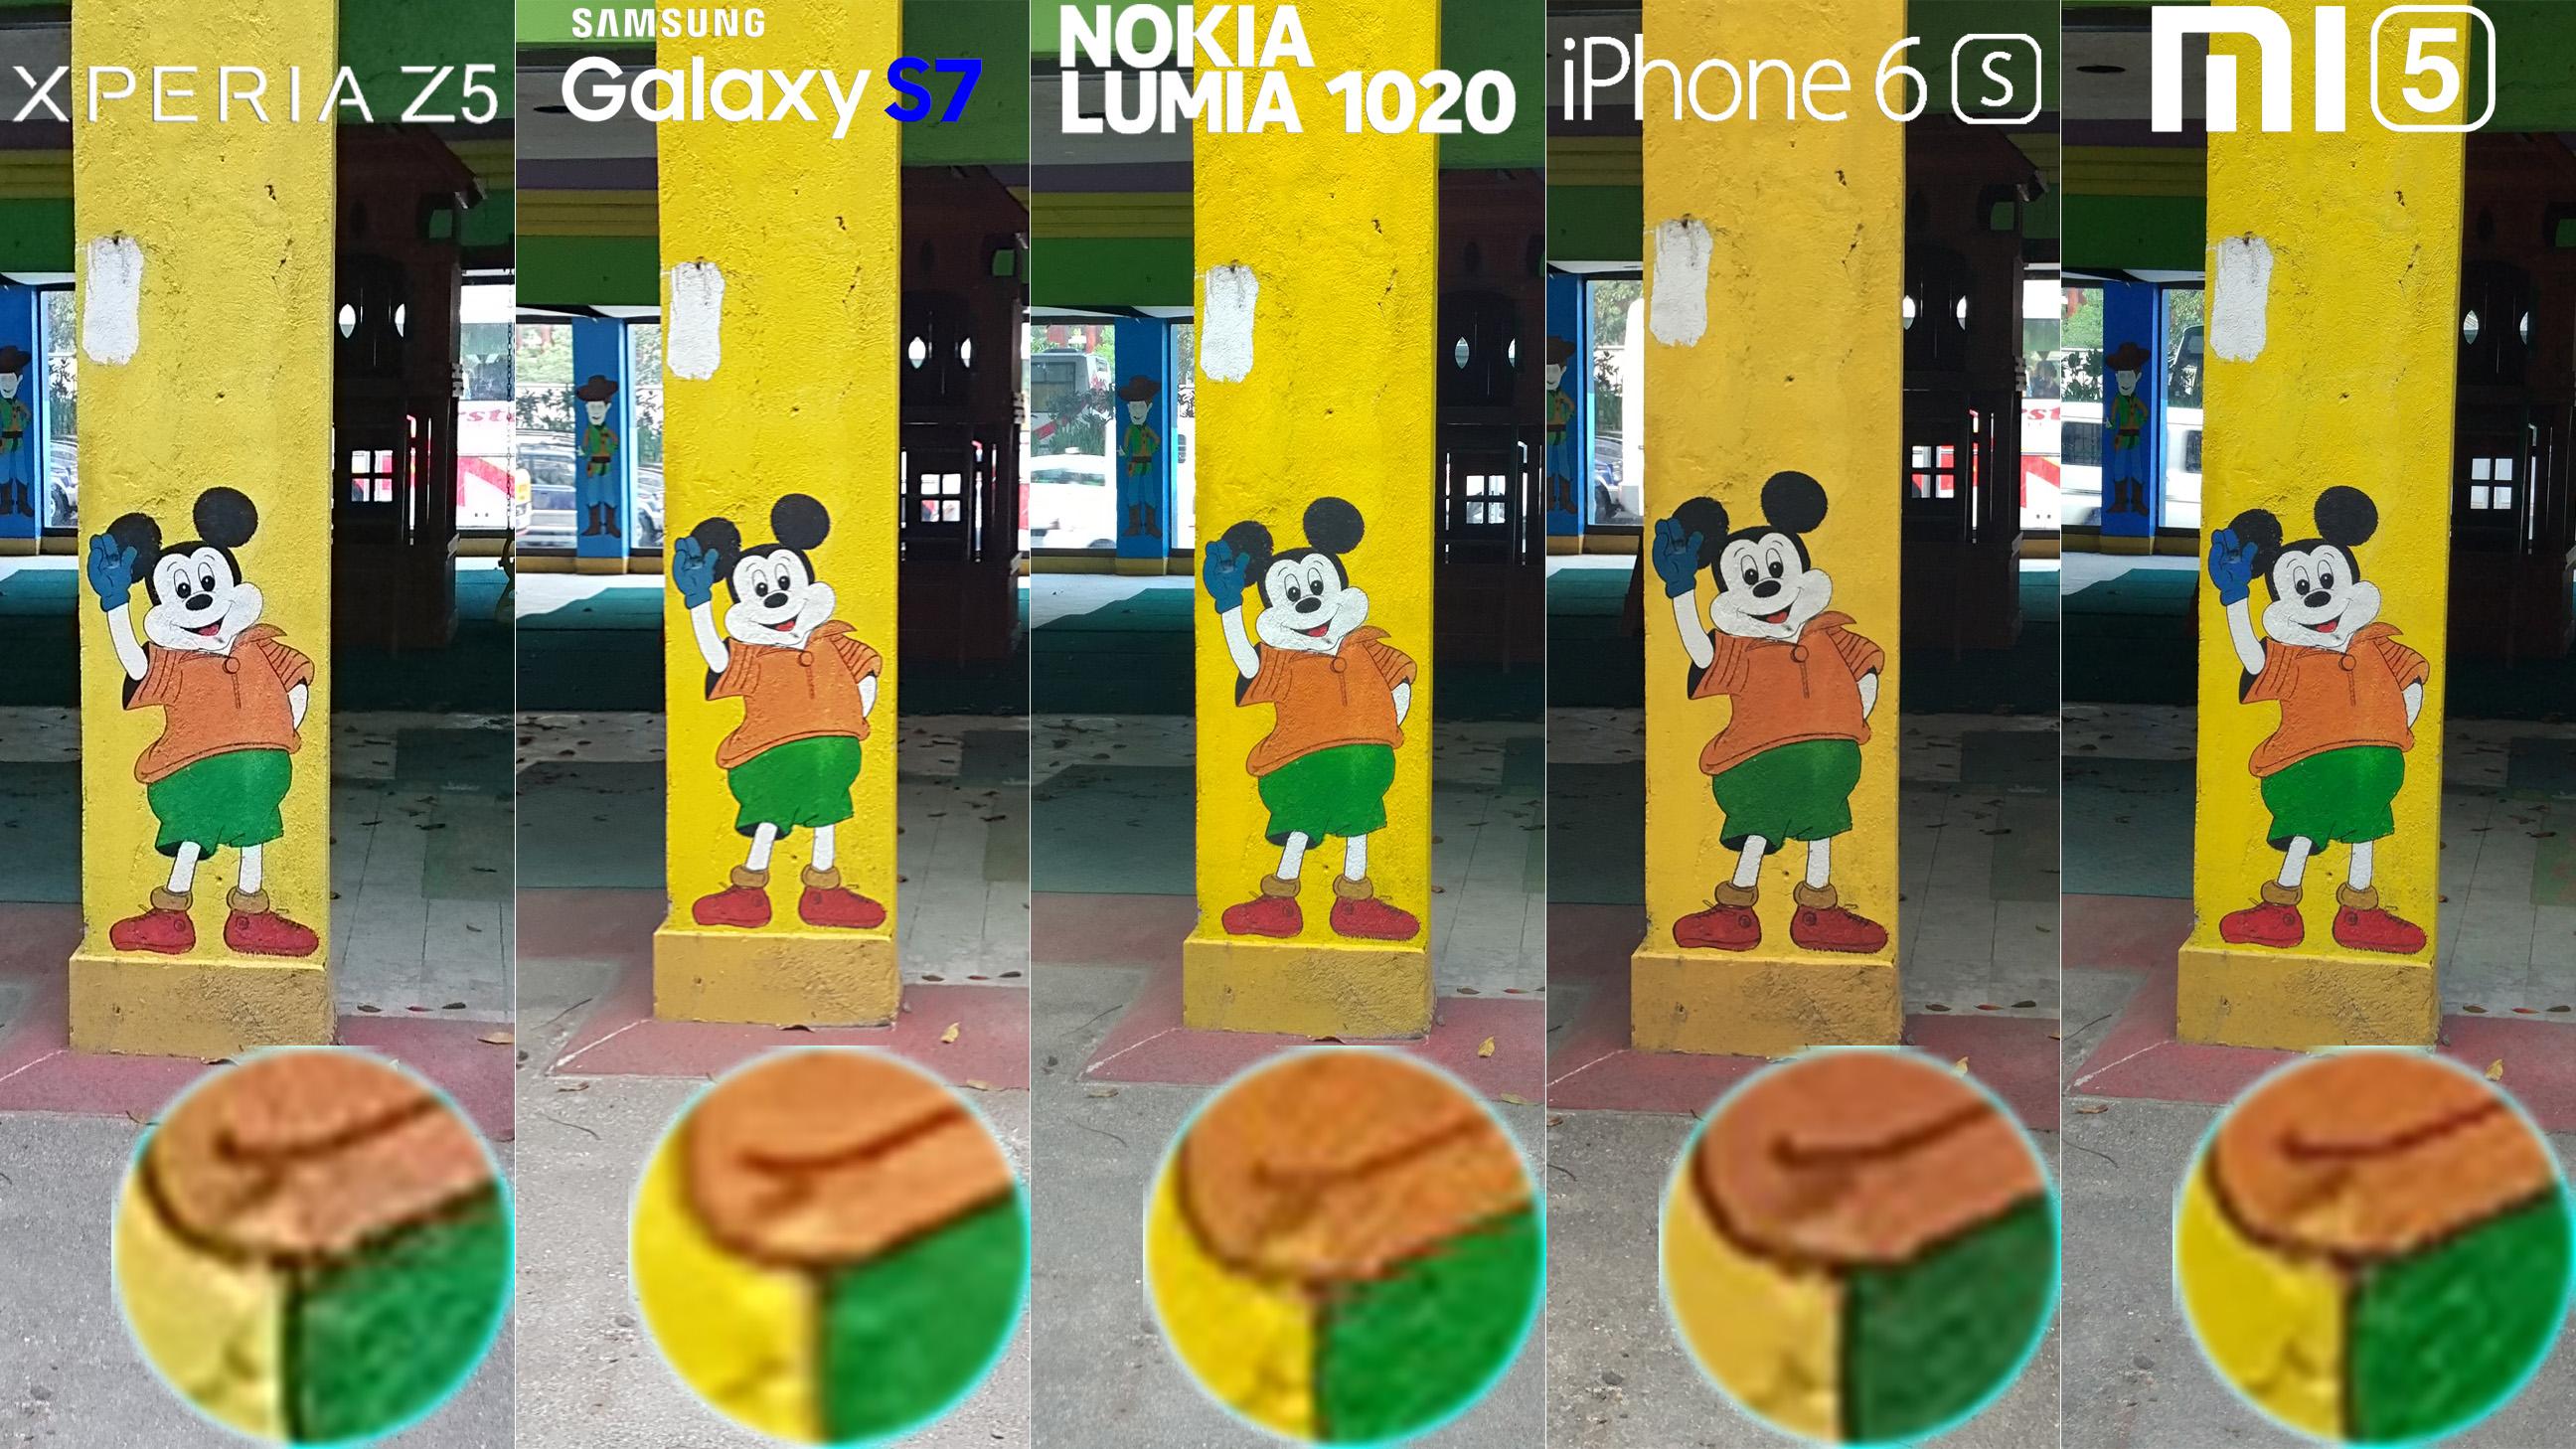 Galaxy S7 Xperia Z5 Lumia 1020 iphone 6s Xiaomi Mi 5 Camera Review Comaprison 5